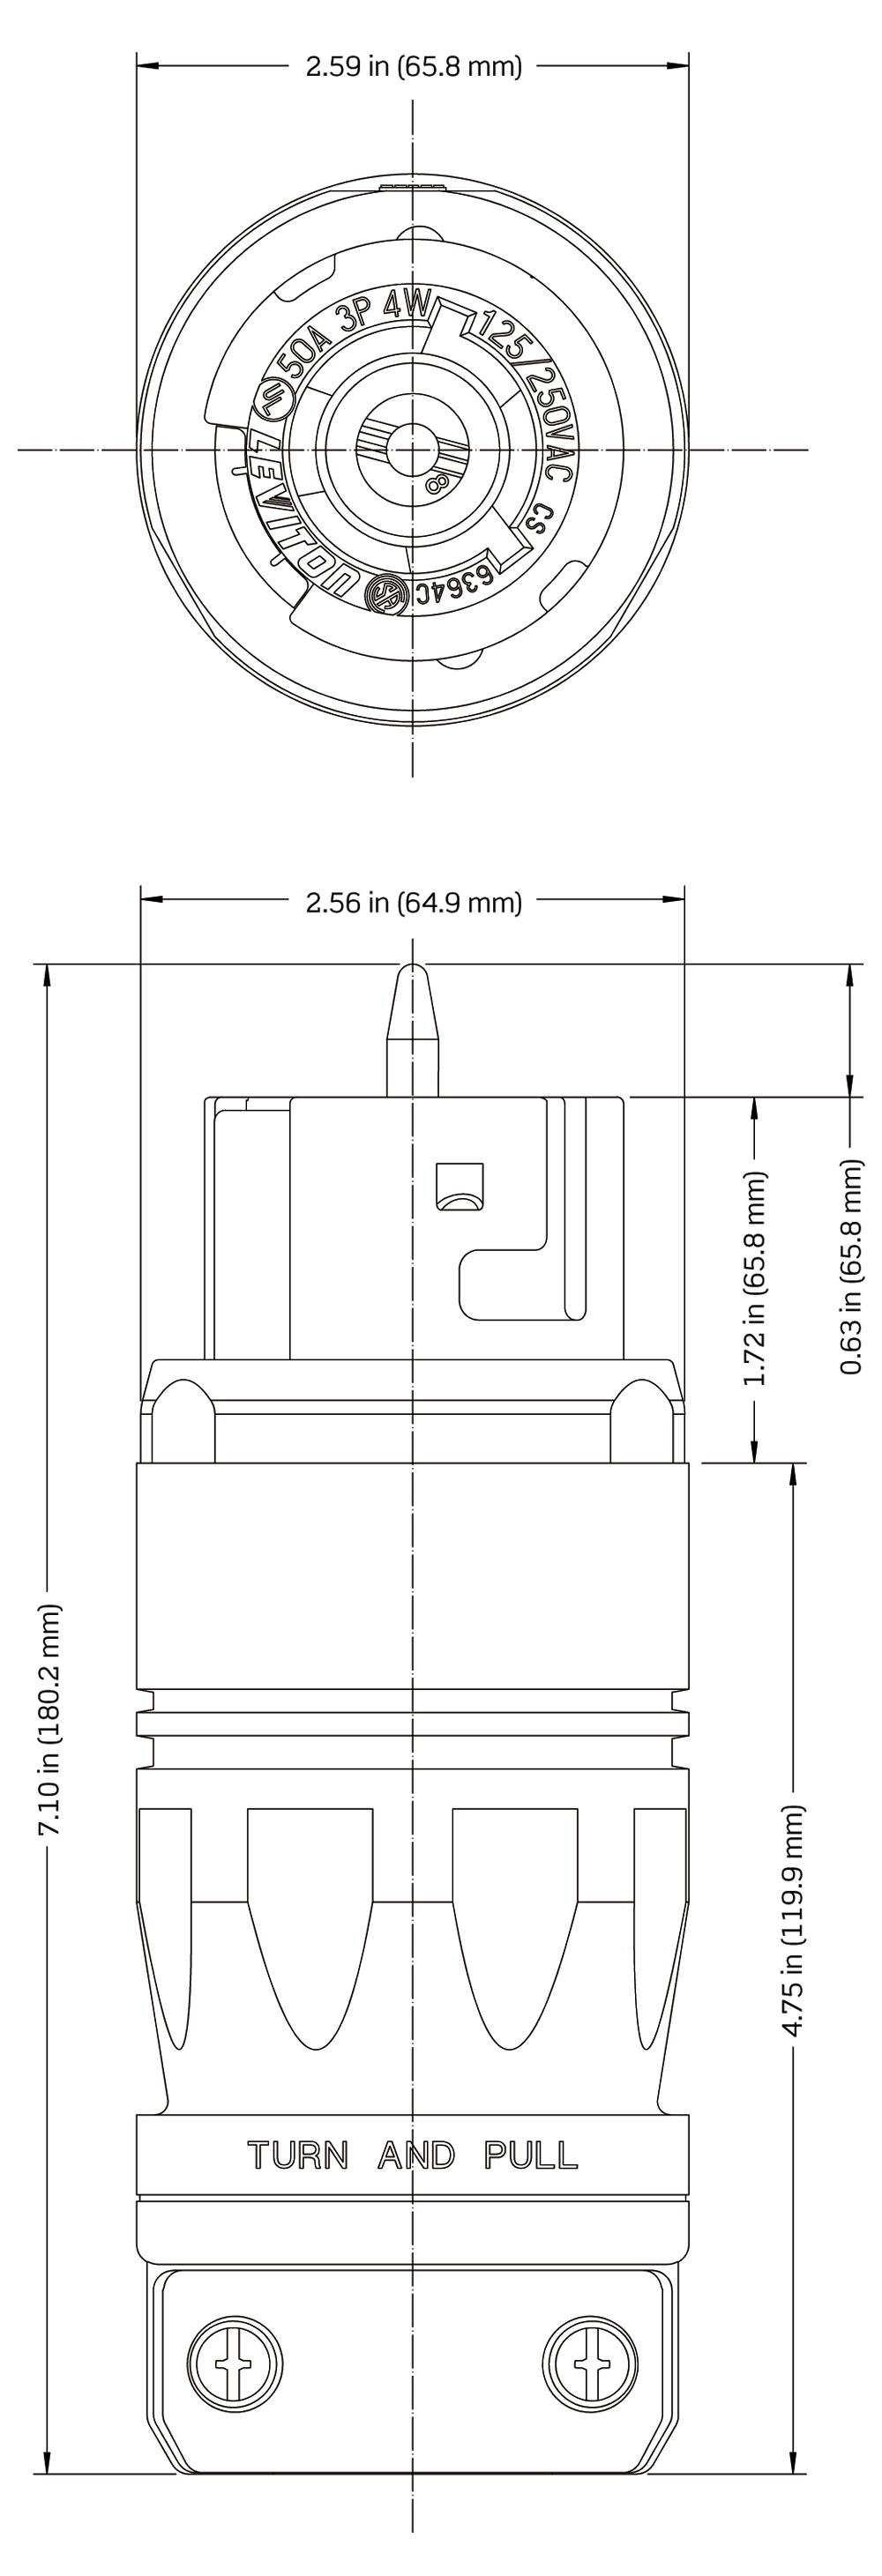 Ungewöhnlich Leviton 50 Ampere Schaltplan Fotos - Der Schaltplan ...